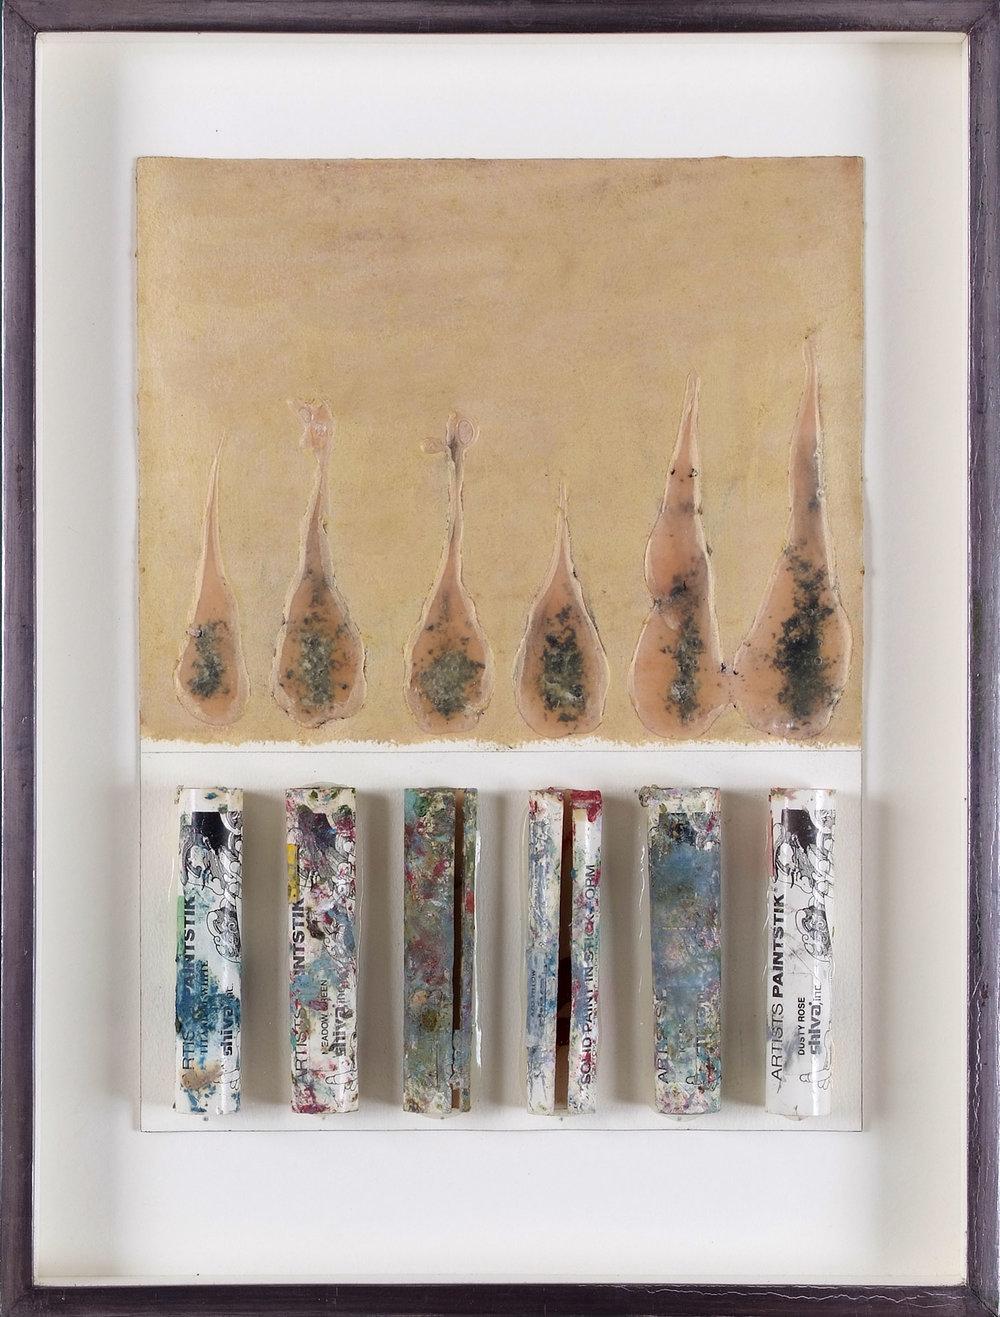 o.T. | Mischtechnik und Collage auf Papier | 1990 | 41 x 31 x 3 cm